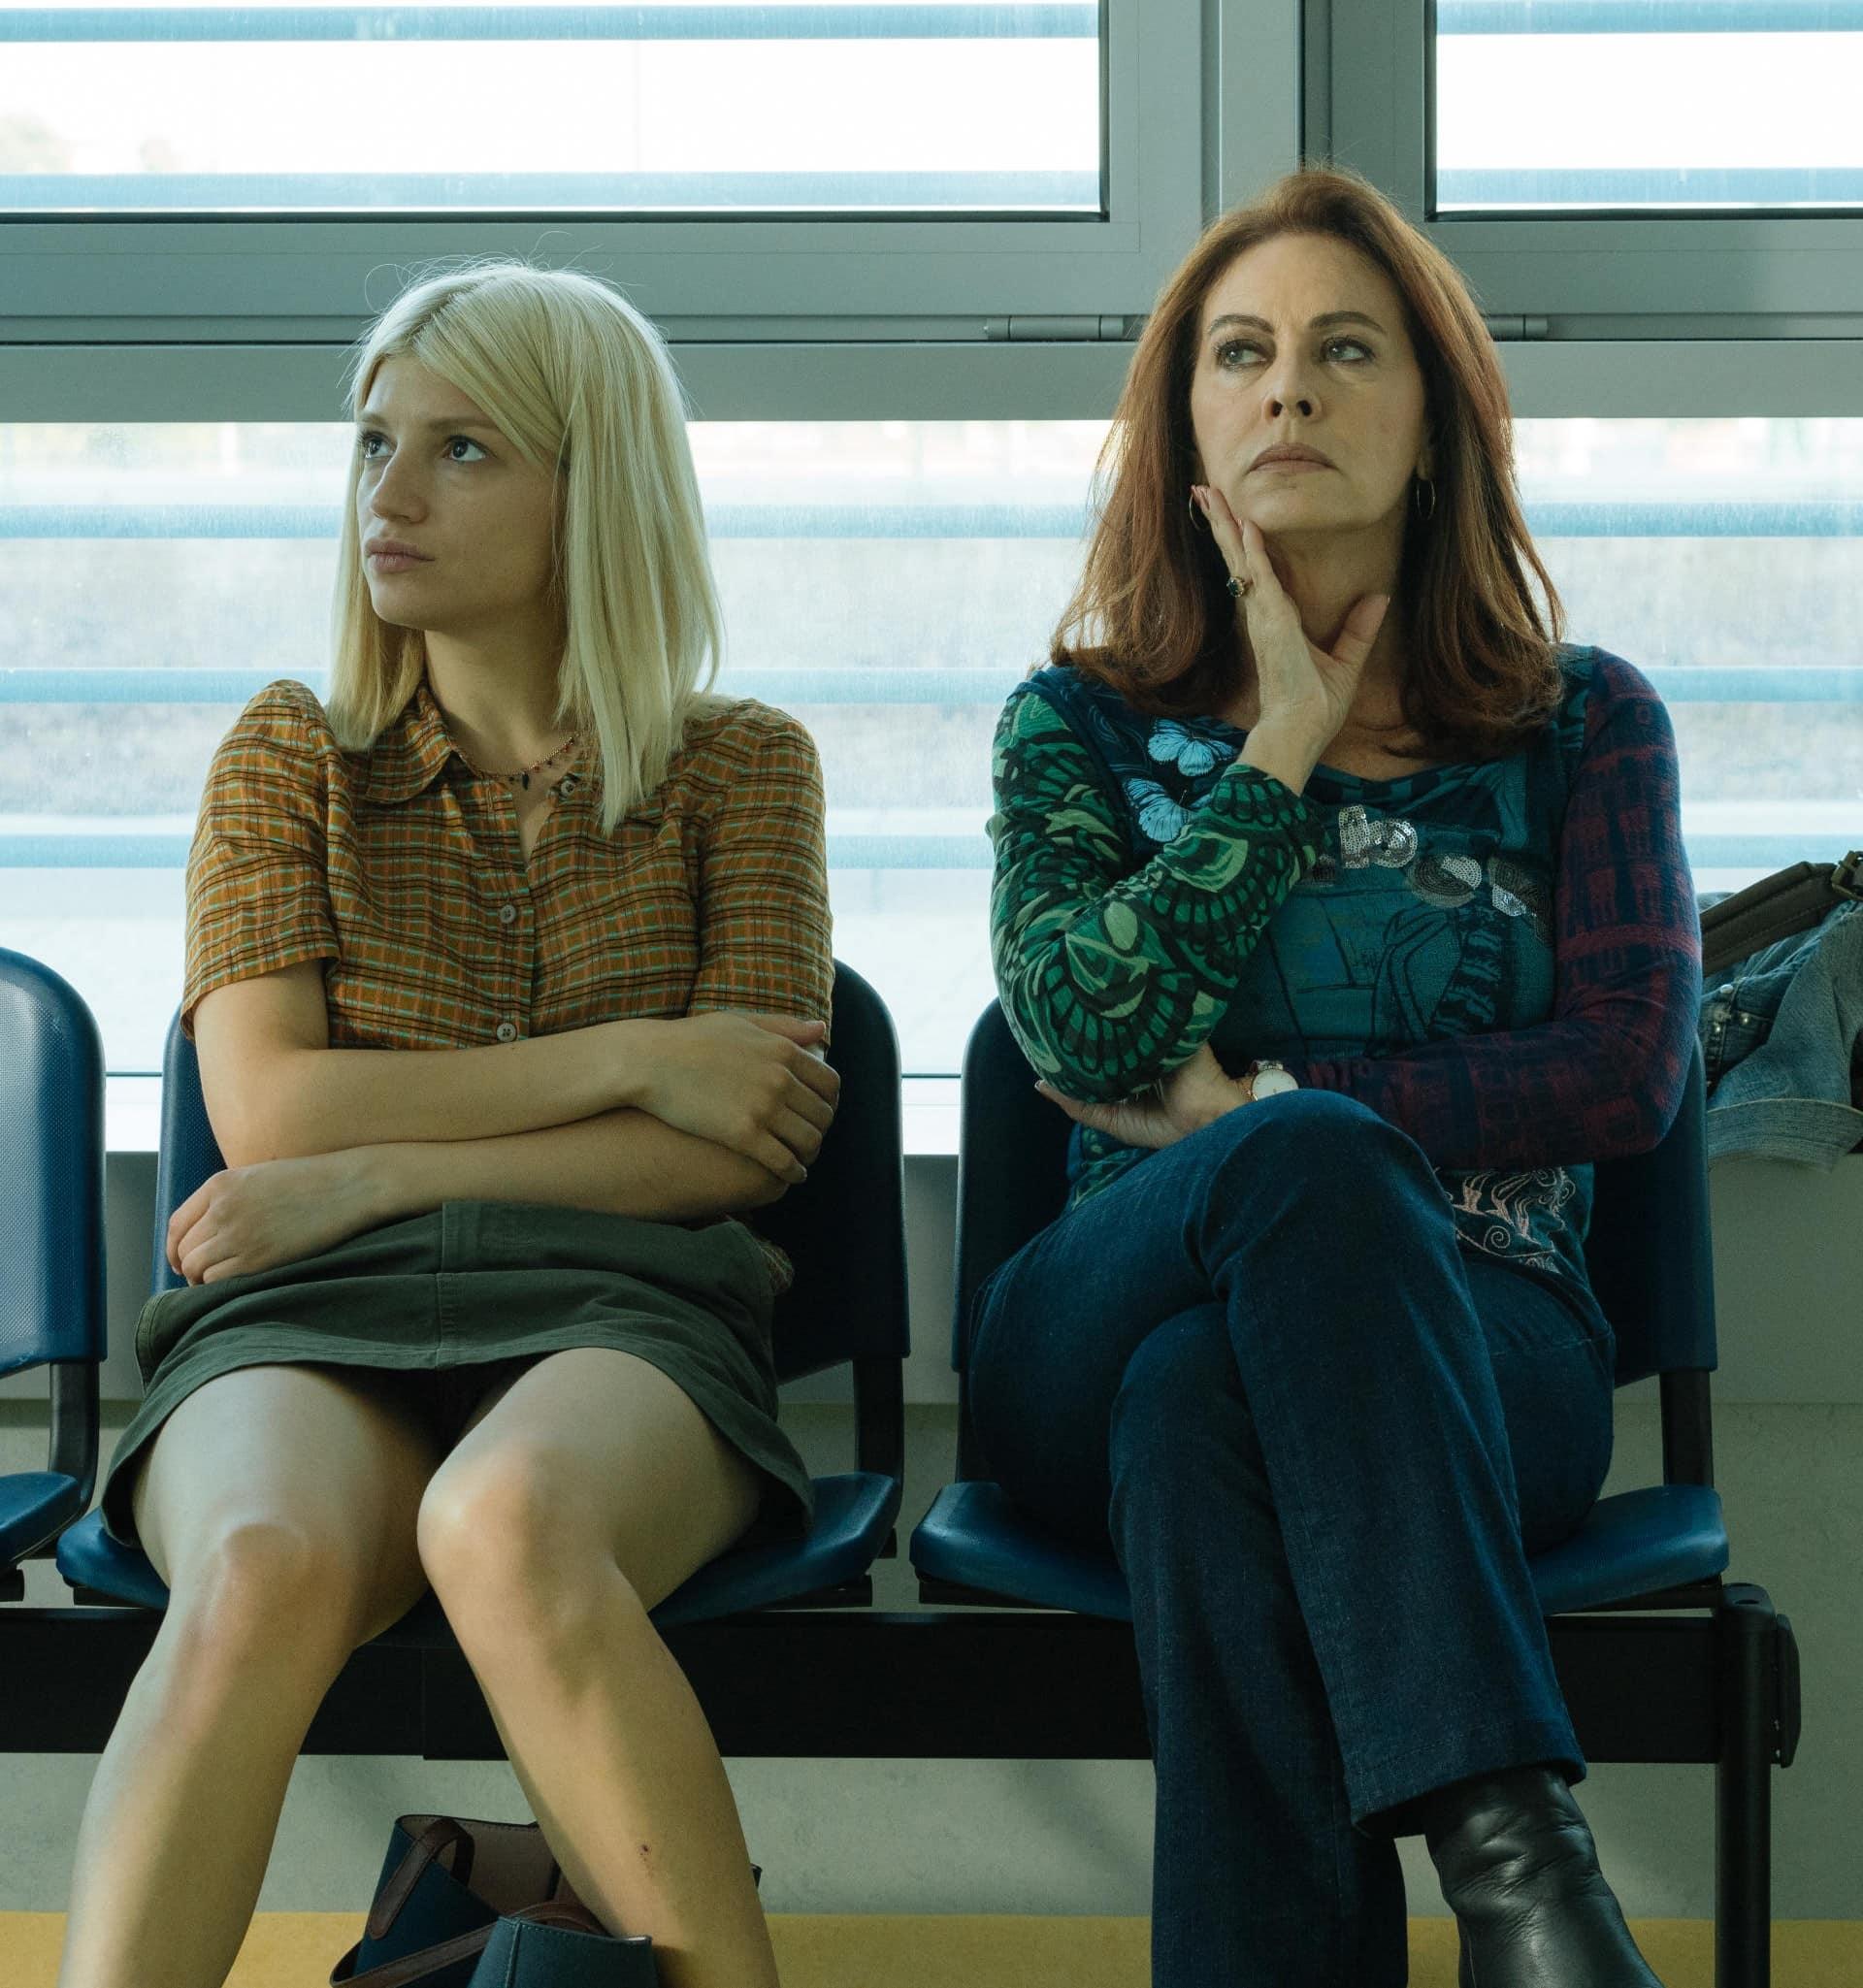 Vivi e lascia vivere quinta puntata: trama e anticipazioni 21 maggio 2020